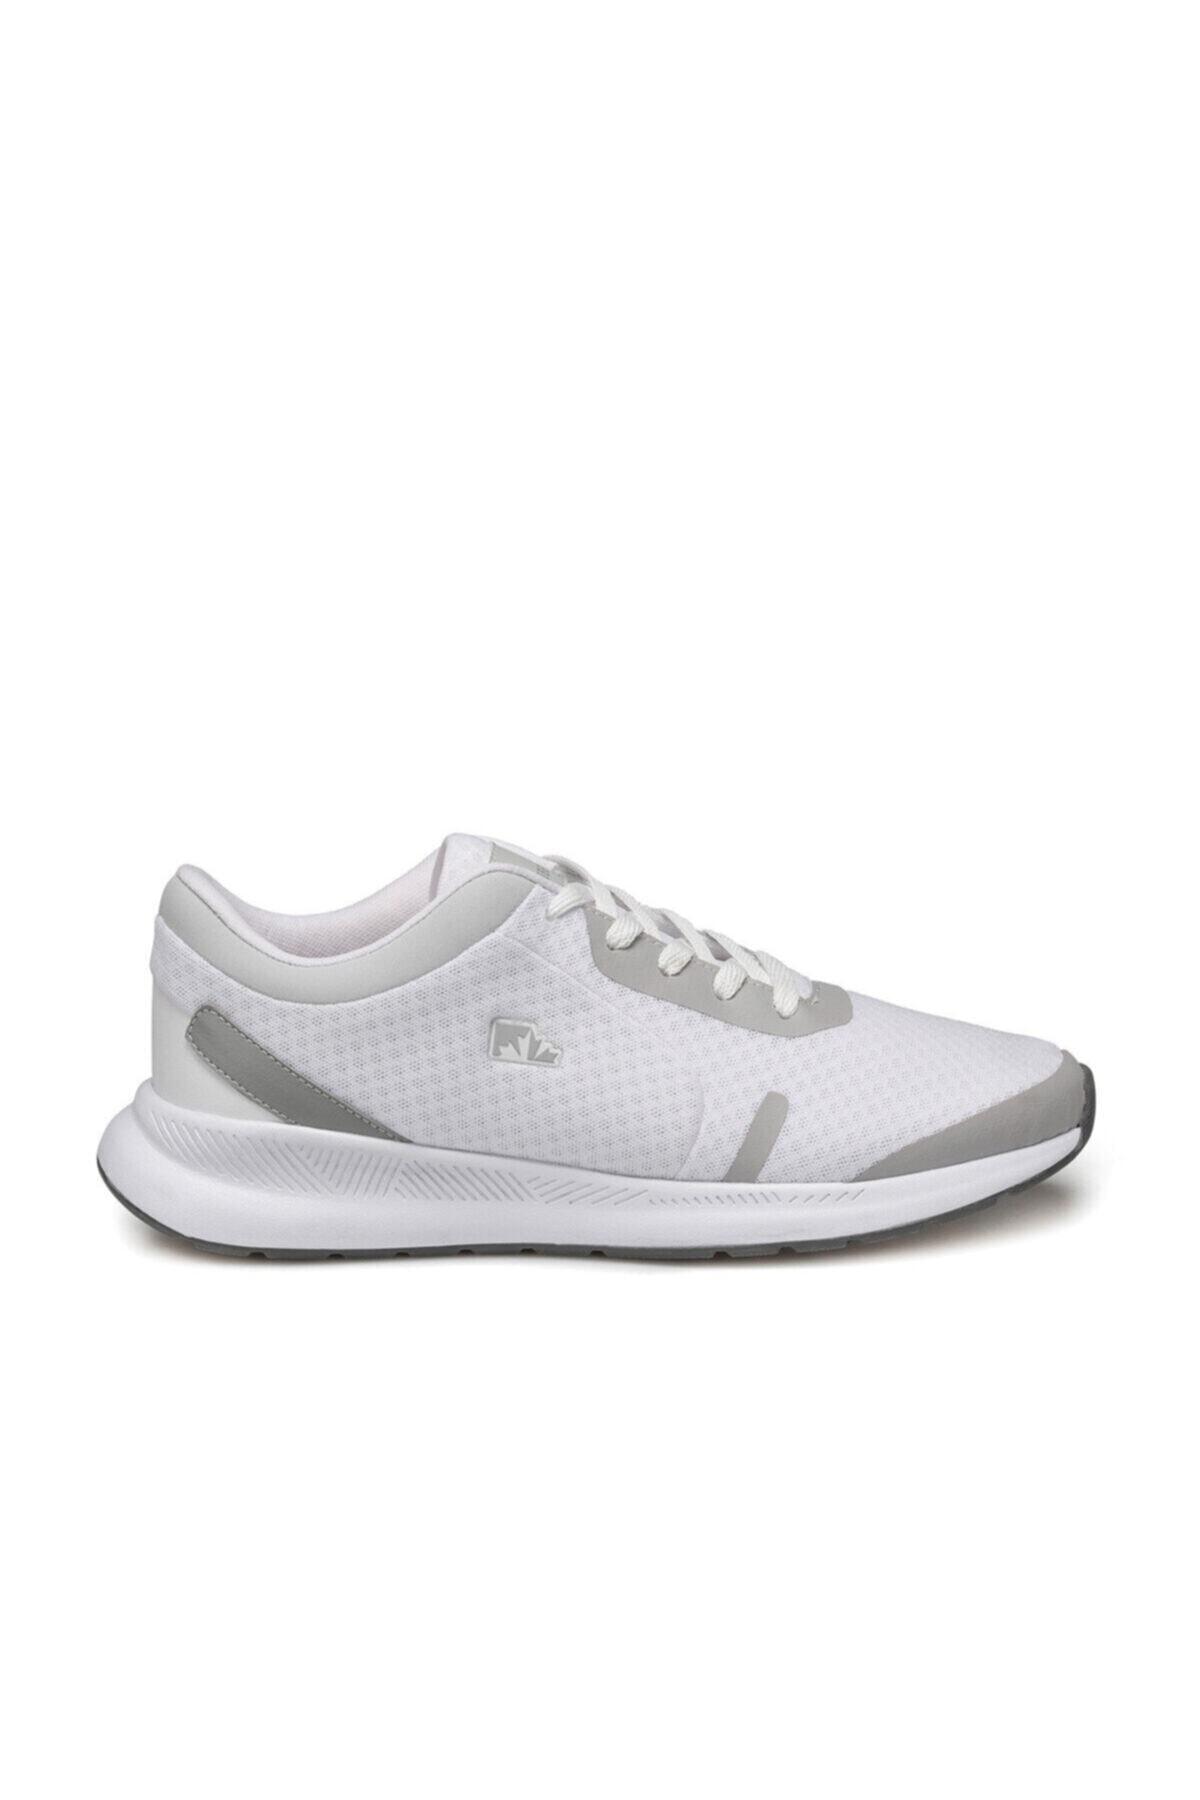 lumberjack FERRY Beyaz Erkek Koşu Ayakkabısı 100497573 2